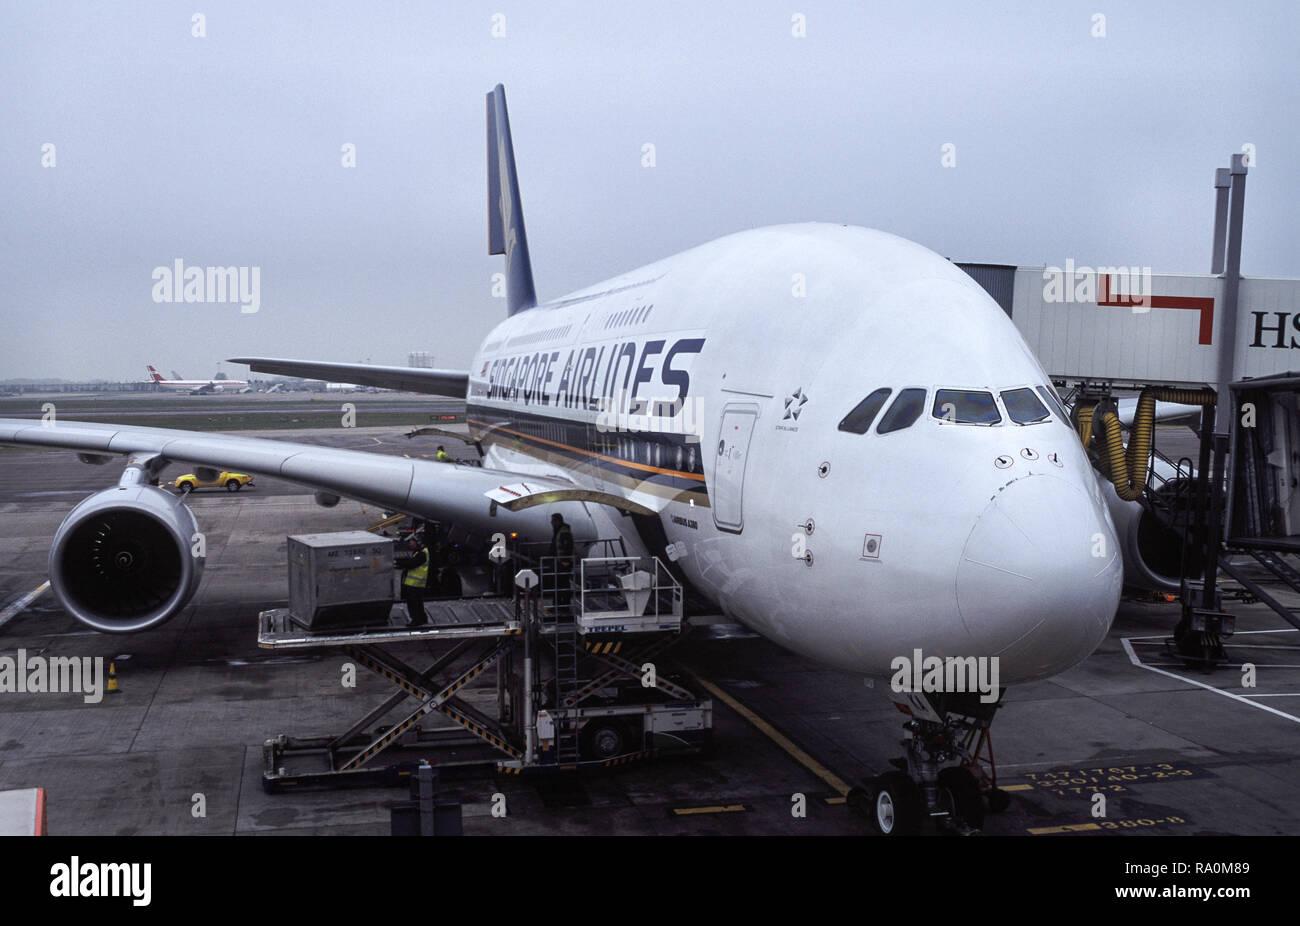 12.04.2009, London, Grossbritannien, Europa - Ein Passagierflugzeug vom Typ Airbus A380 der Singapore Airlines parkt am Flugsteig auf dem Londoner Flu Stock Photo